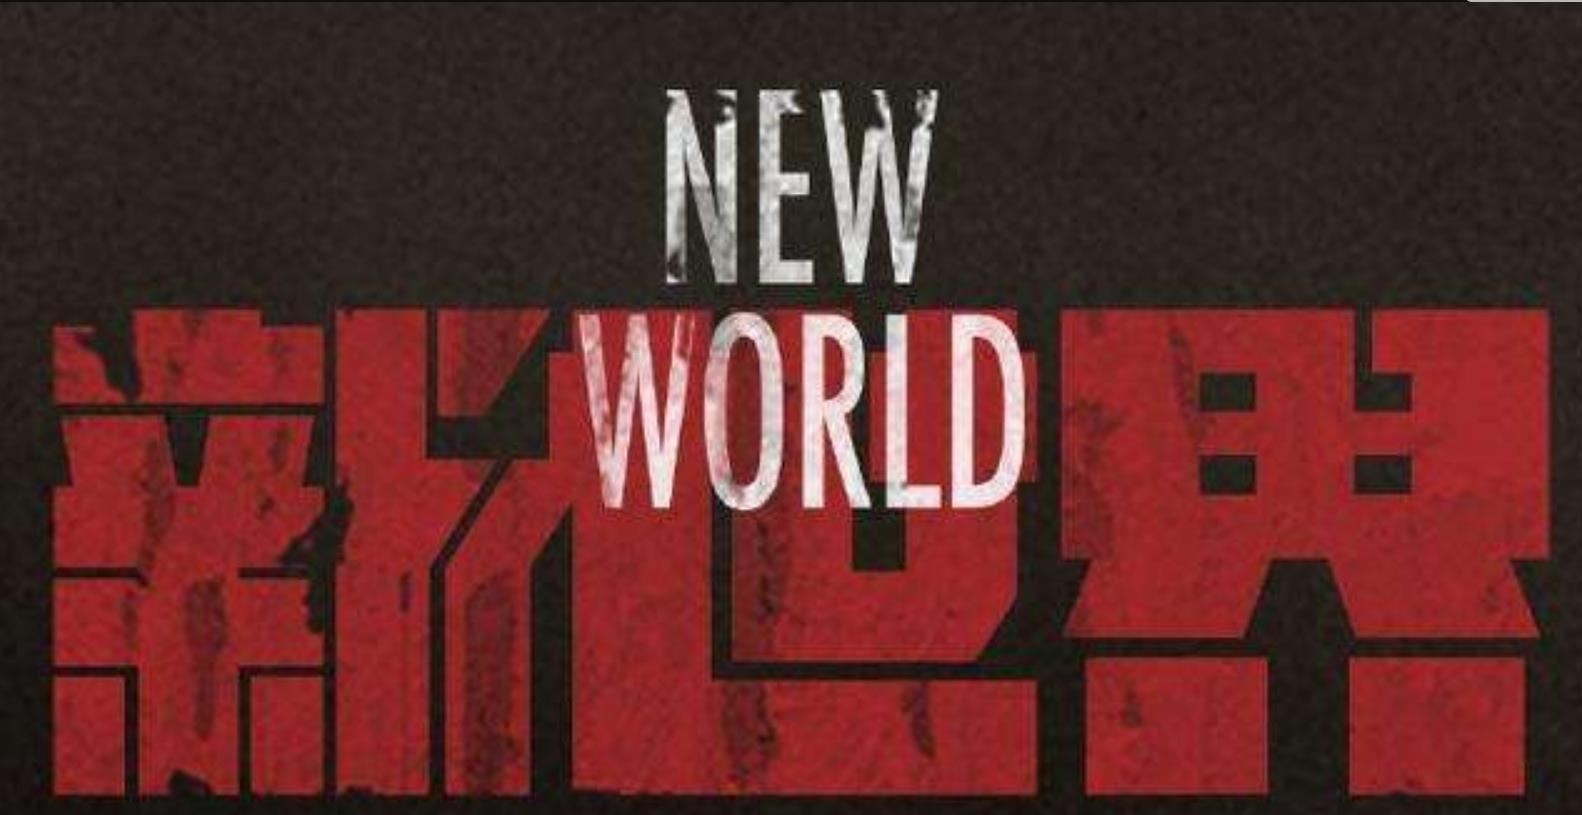 《新世界》百度网盘资源全集1~70集免费分享